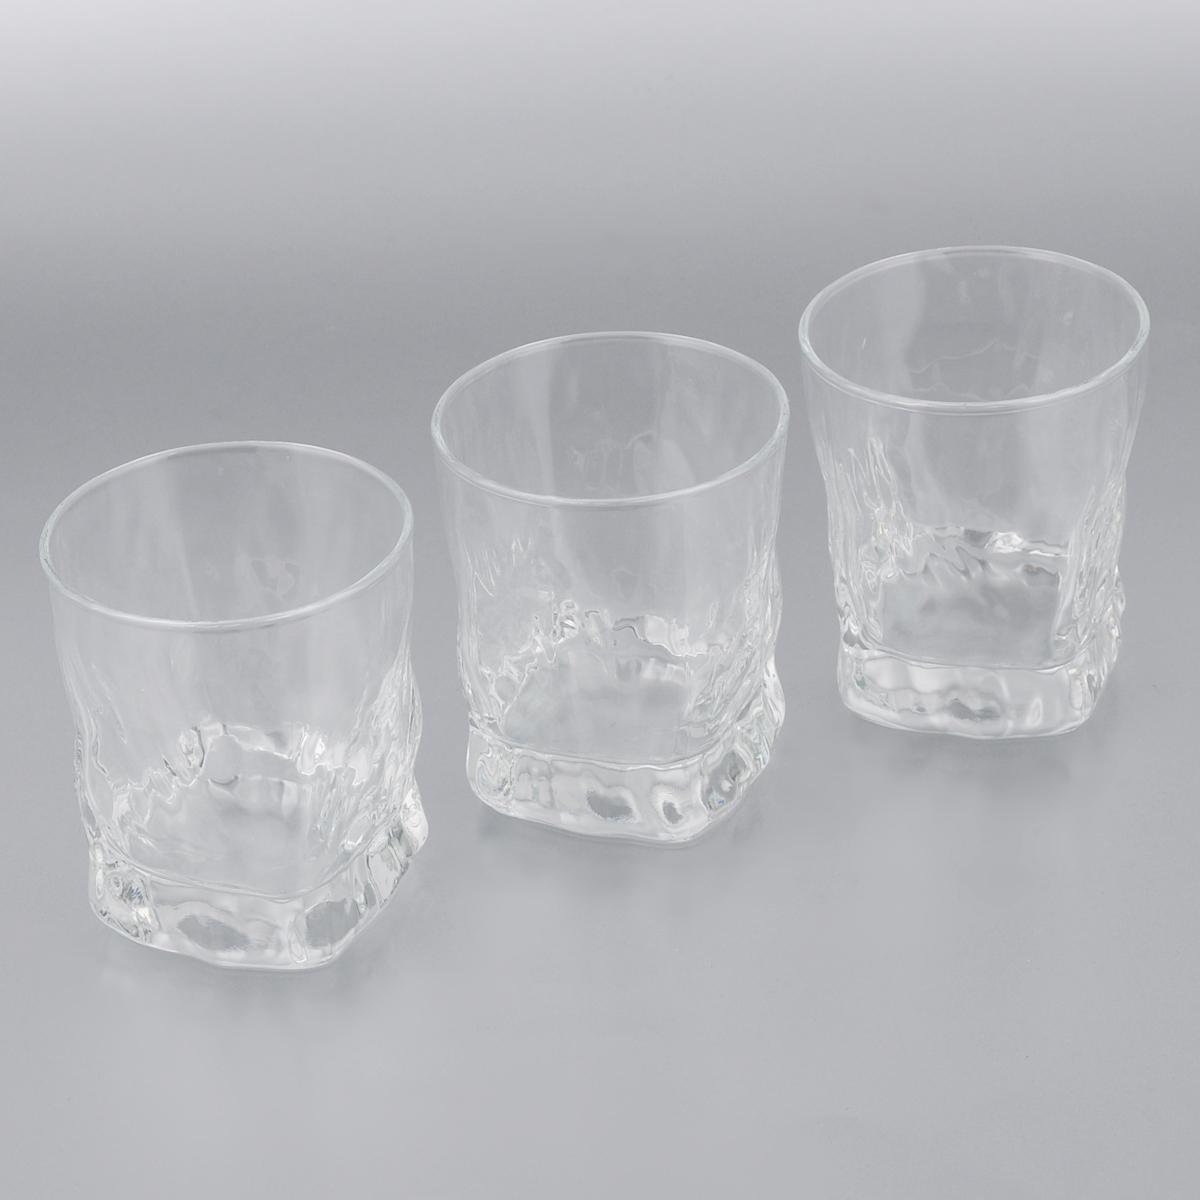 Набор стаканов Luminarc Icy, 300 мл, 3 шт42402B/D7Набор Luminarc Icy состоит из трех стаканов, выполненных из высококачественного стекла.Изделия предназначены для подачи воды и других напитков. Они отличаютсяособой легкостью ипрочностью, излучают приятный блеск и издают мелодичный хрустальный звон.Стаканы станут идеальным украшением праздничного стола и отличным подарком к любомупразднику.Можно мыть в посудомоечной машине.Диаметр стакана (по верхнему краю): 8,5 см.Высота: 10 см.